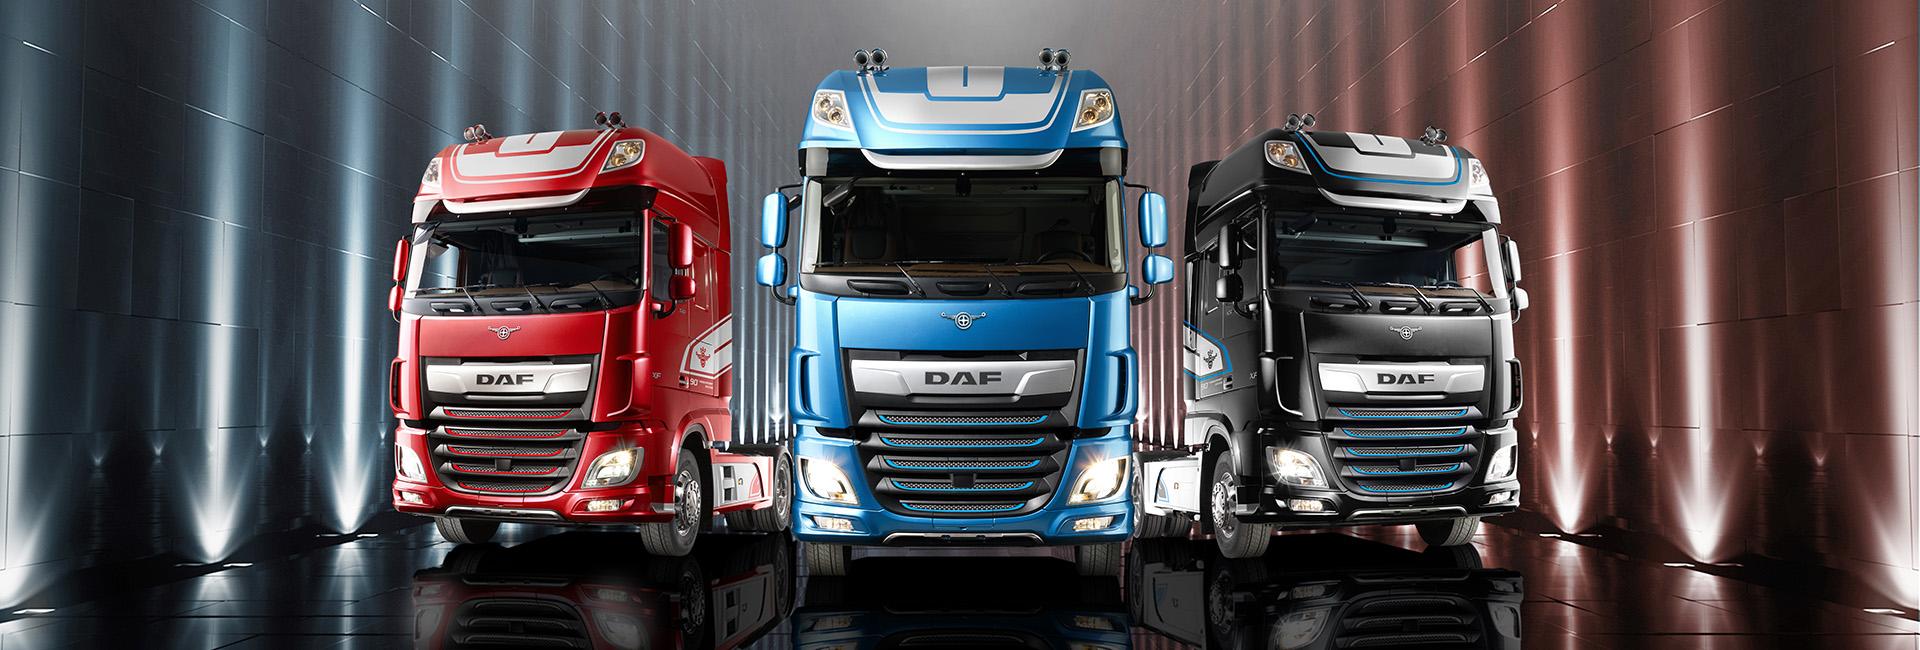 Kamiony, nákladní automobily DAF Trucks Praha, s.r.o.